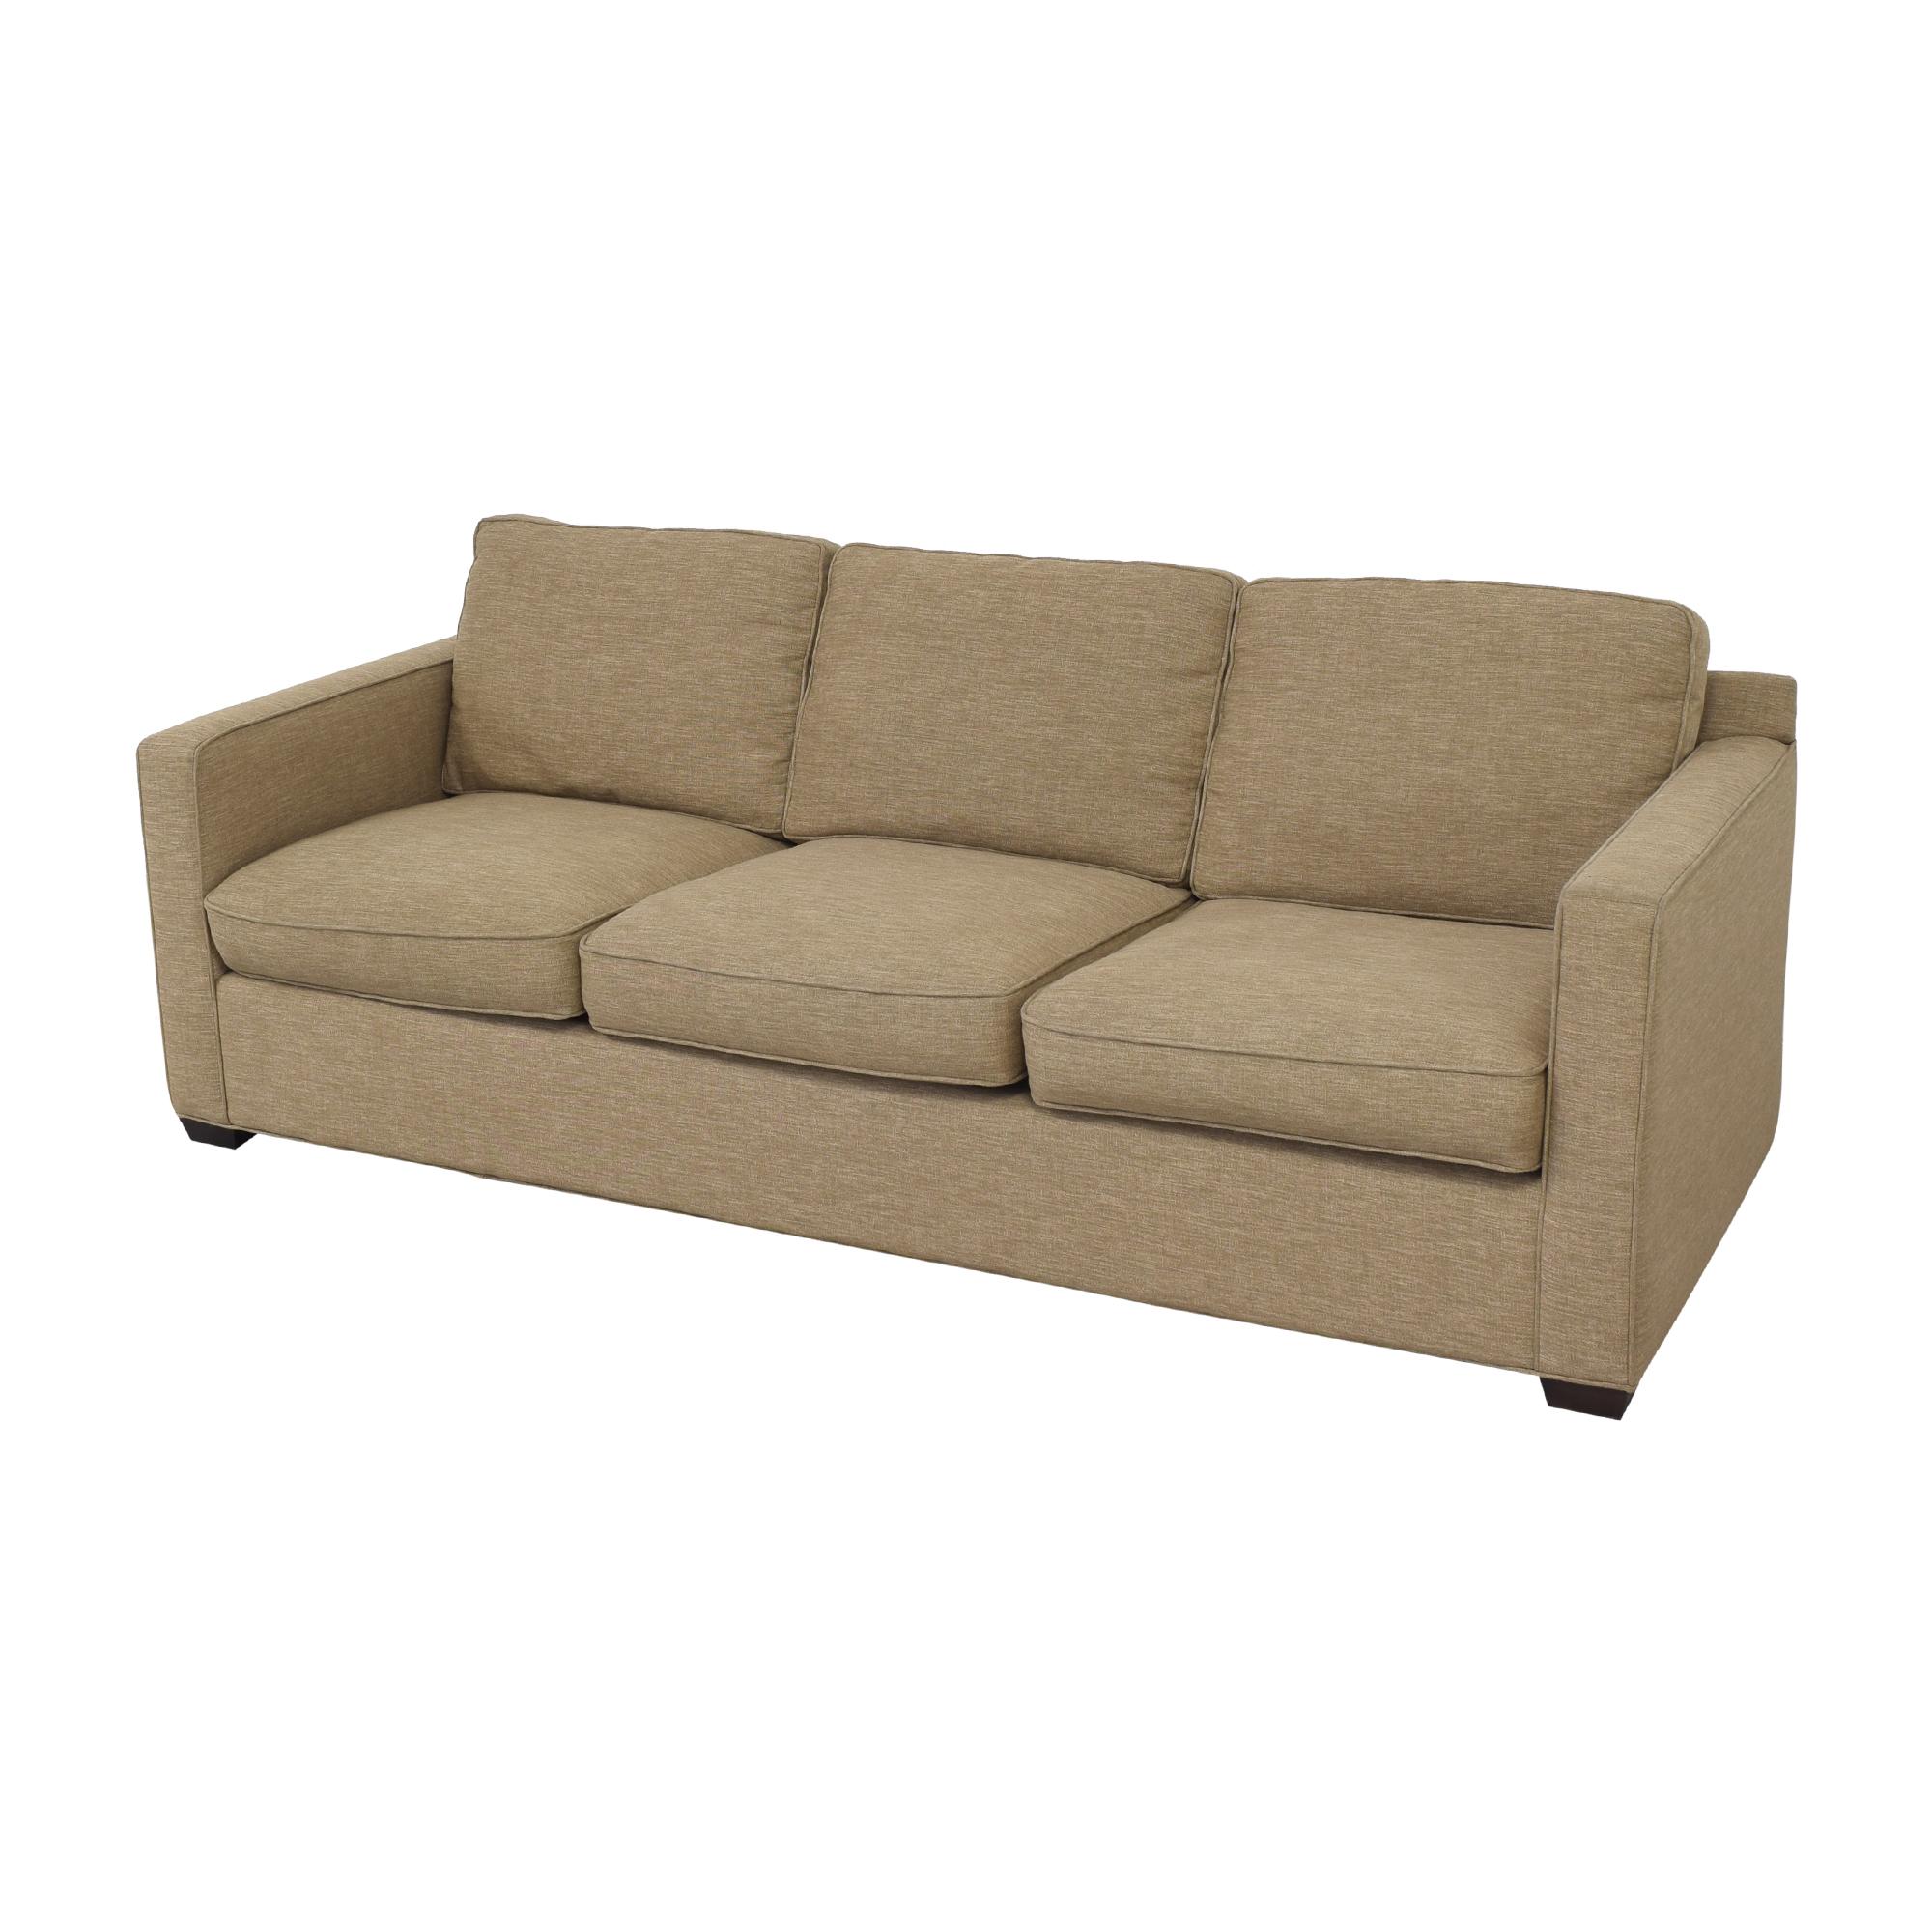 Crate & Barrel Crate & Barrel Davis 3 Seat Sofa second hand